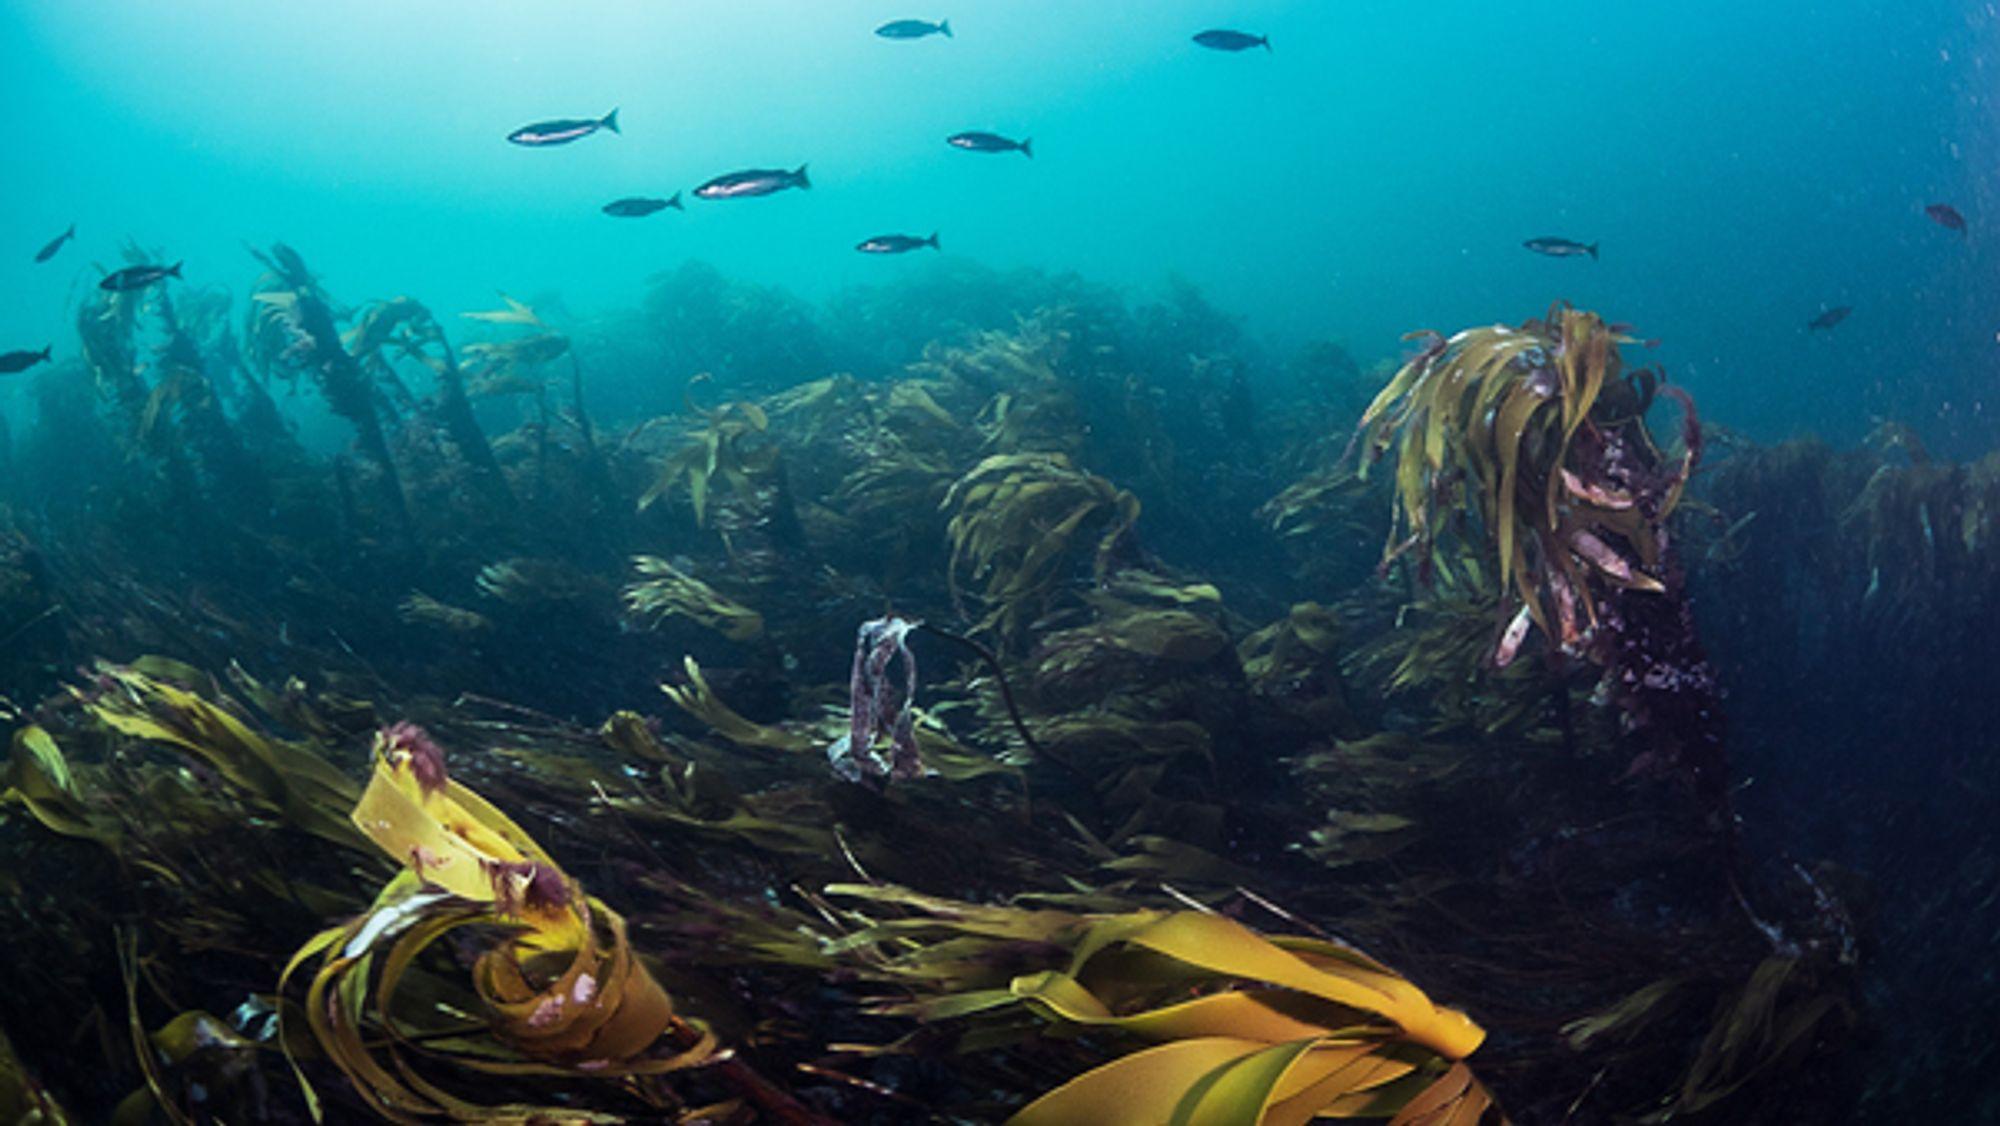 Forskere kartlegger tareskogen langs kysten for å finne ut hvor mye tare som fins. Foto: Jonas Thormar/Havforskningsinstituttet.